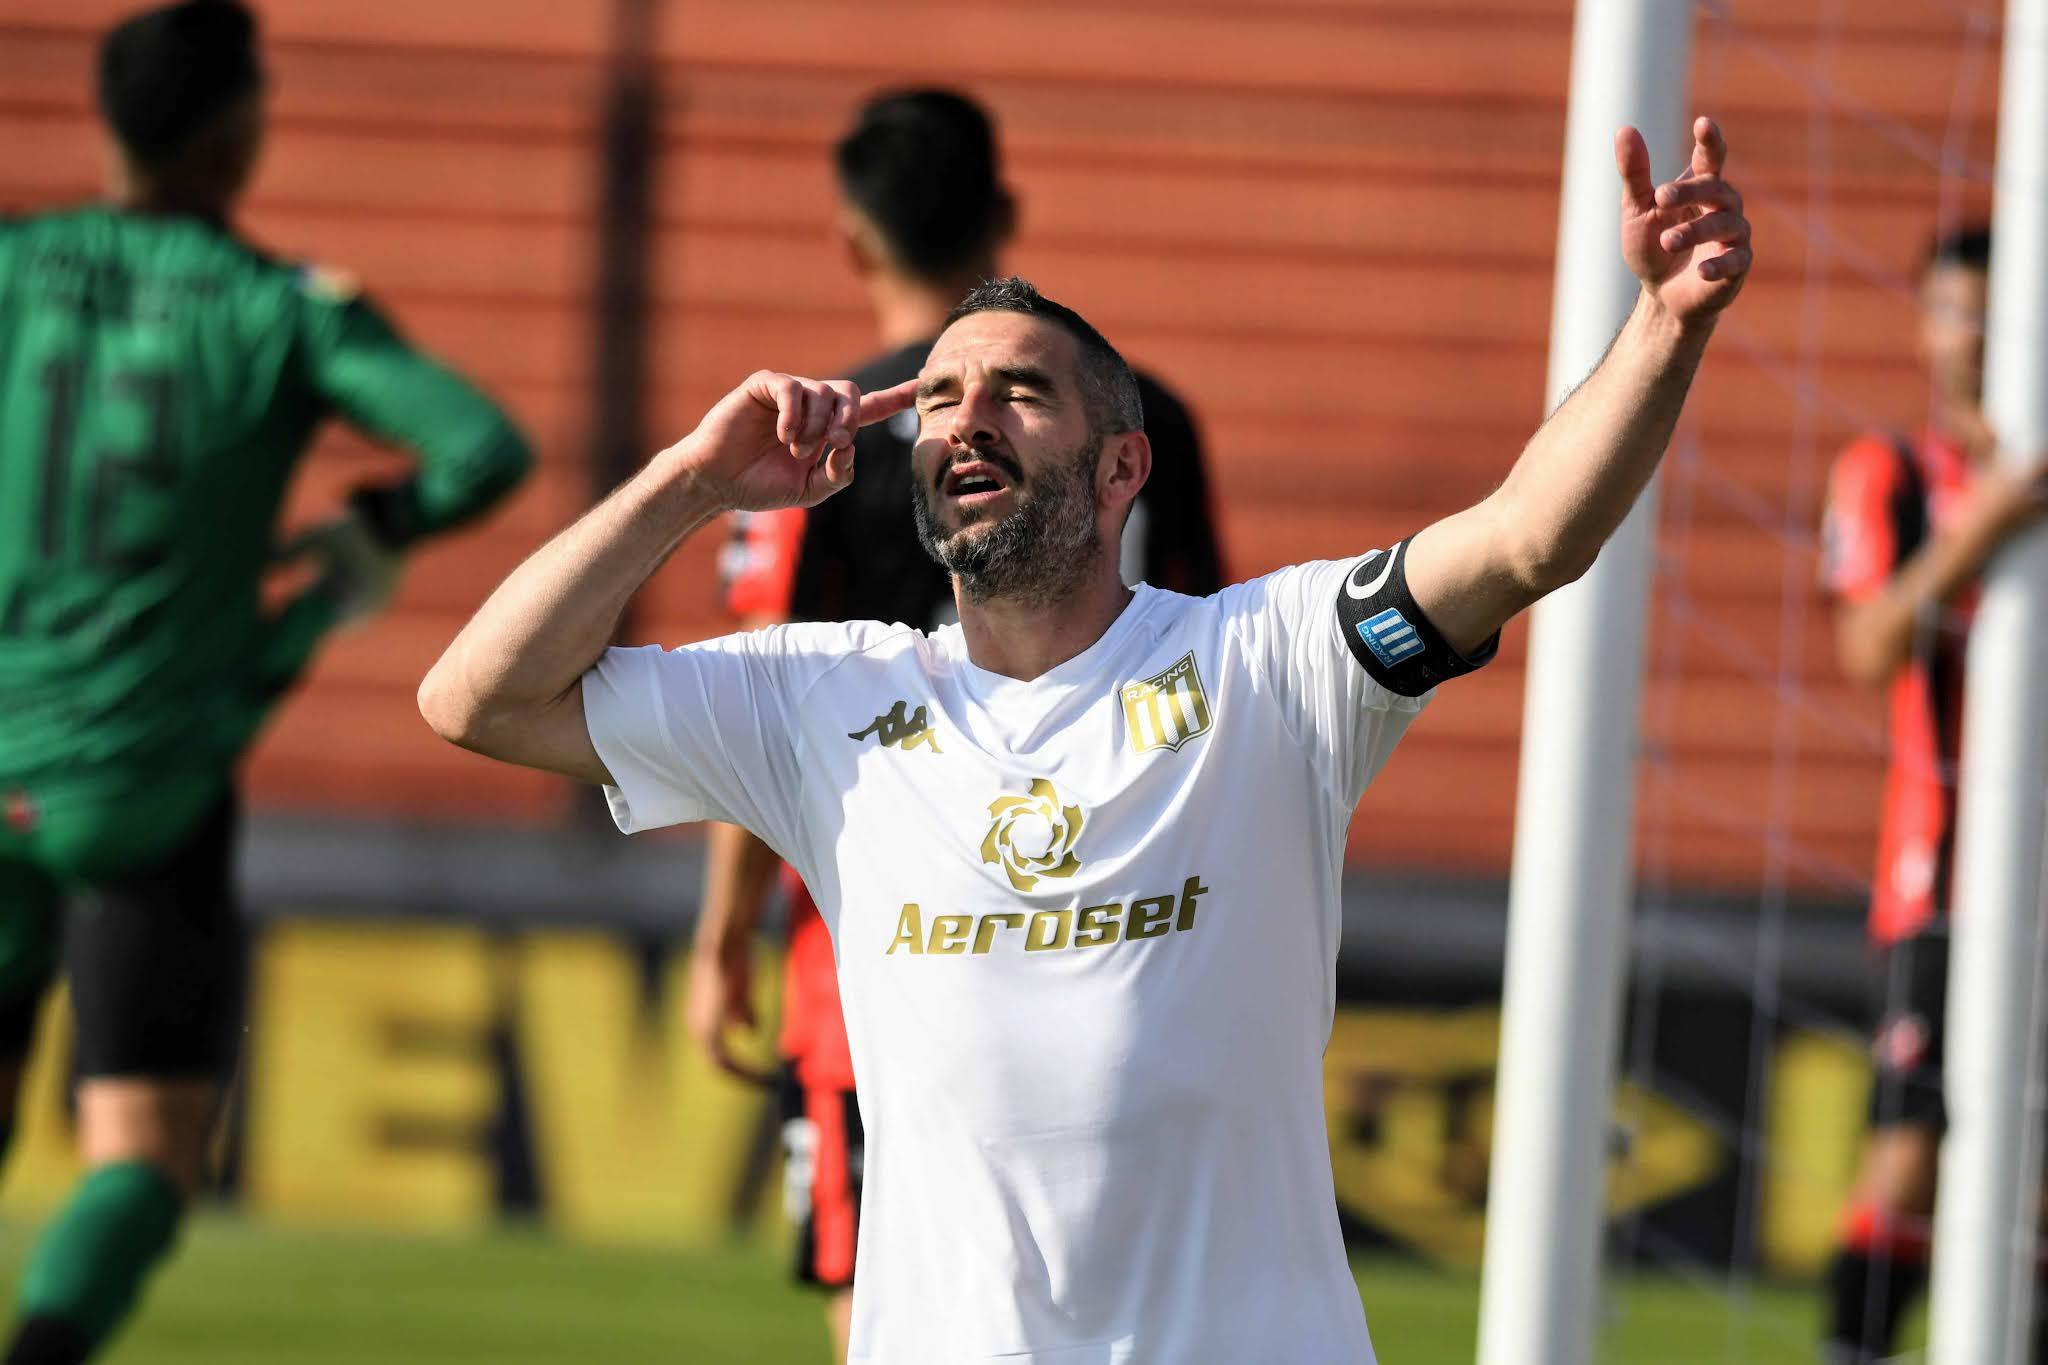 Racing Club venció por 2-1 a Patronato, en un encuentro jugado esta tarde en el estadio Presbítero Bartolomé Grella, de Paraná, válido por la fecha 15 de la Liga Profesional de Fútbol (LPF).